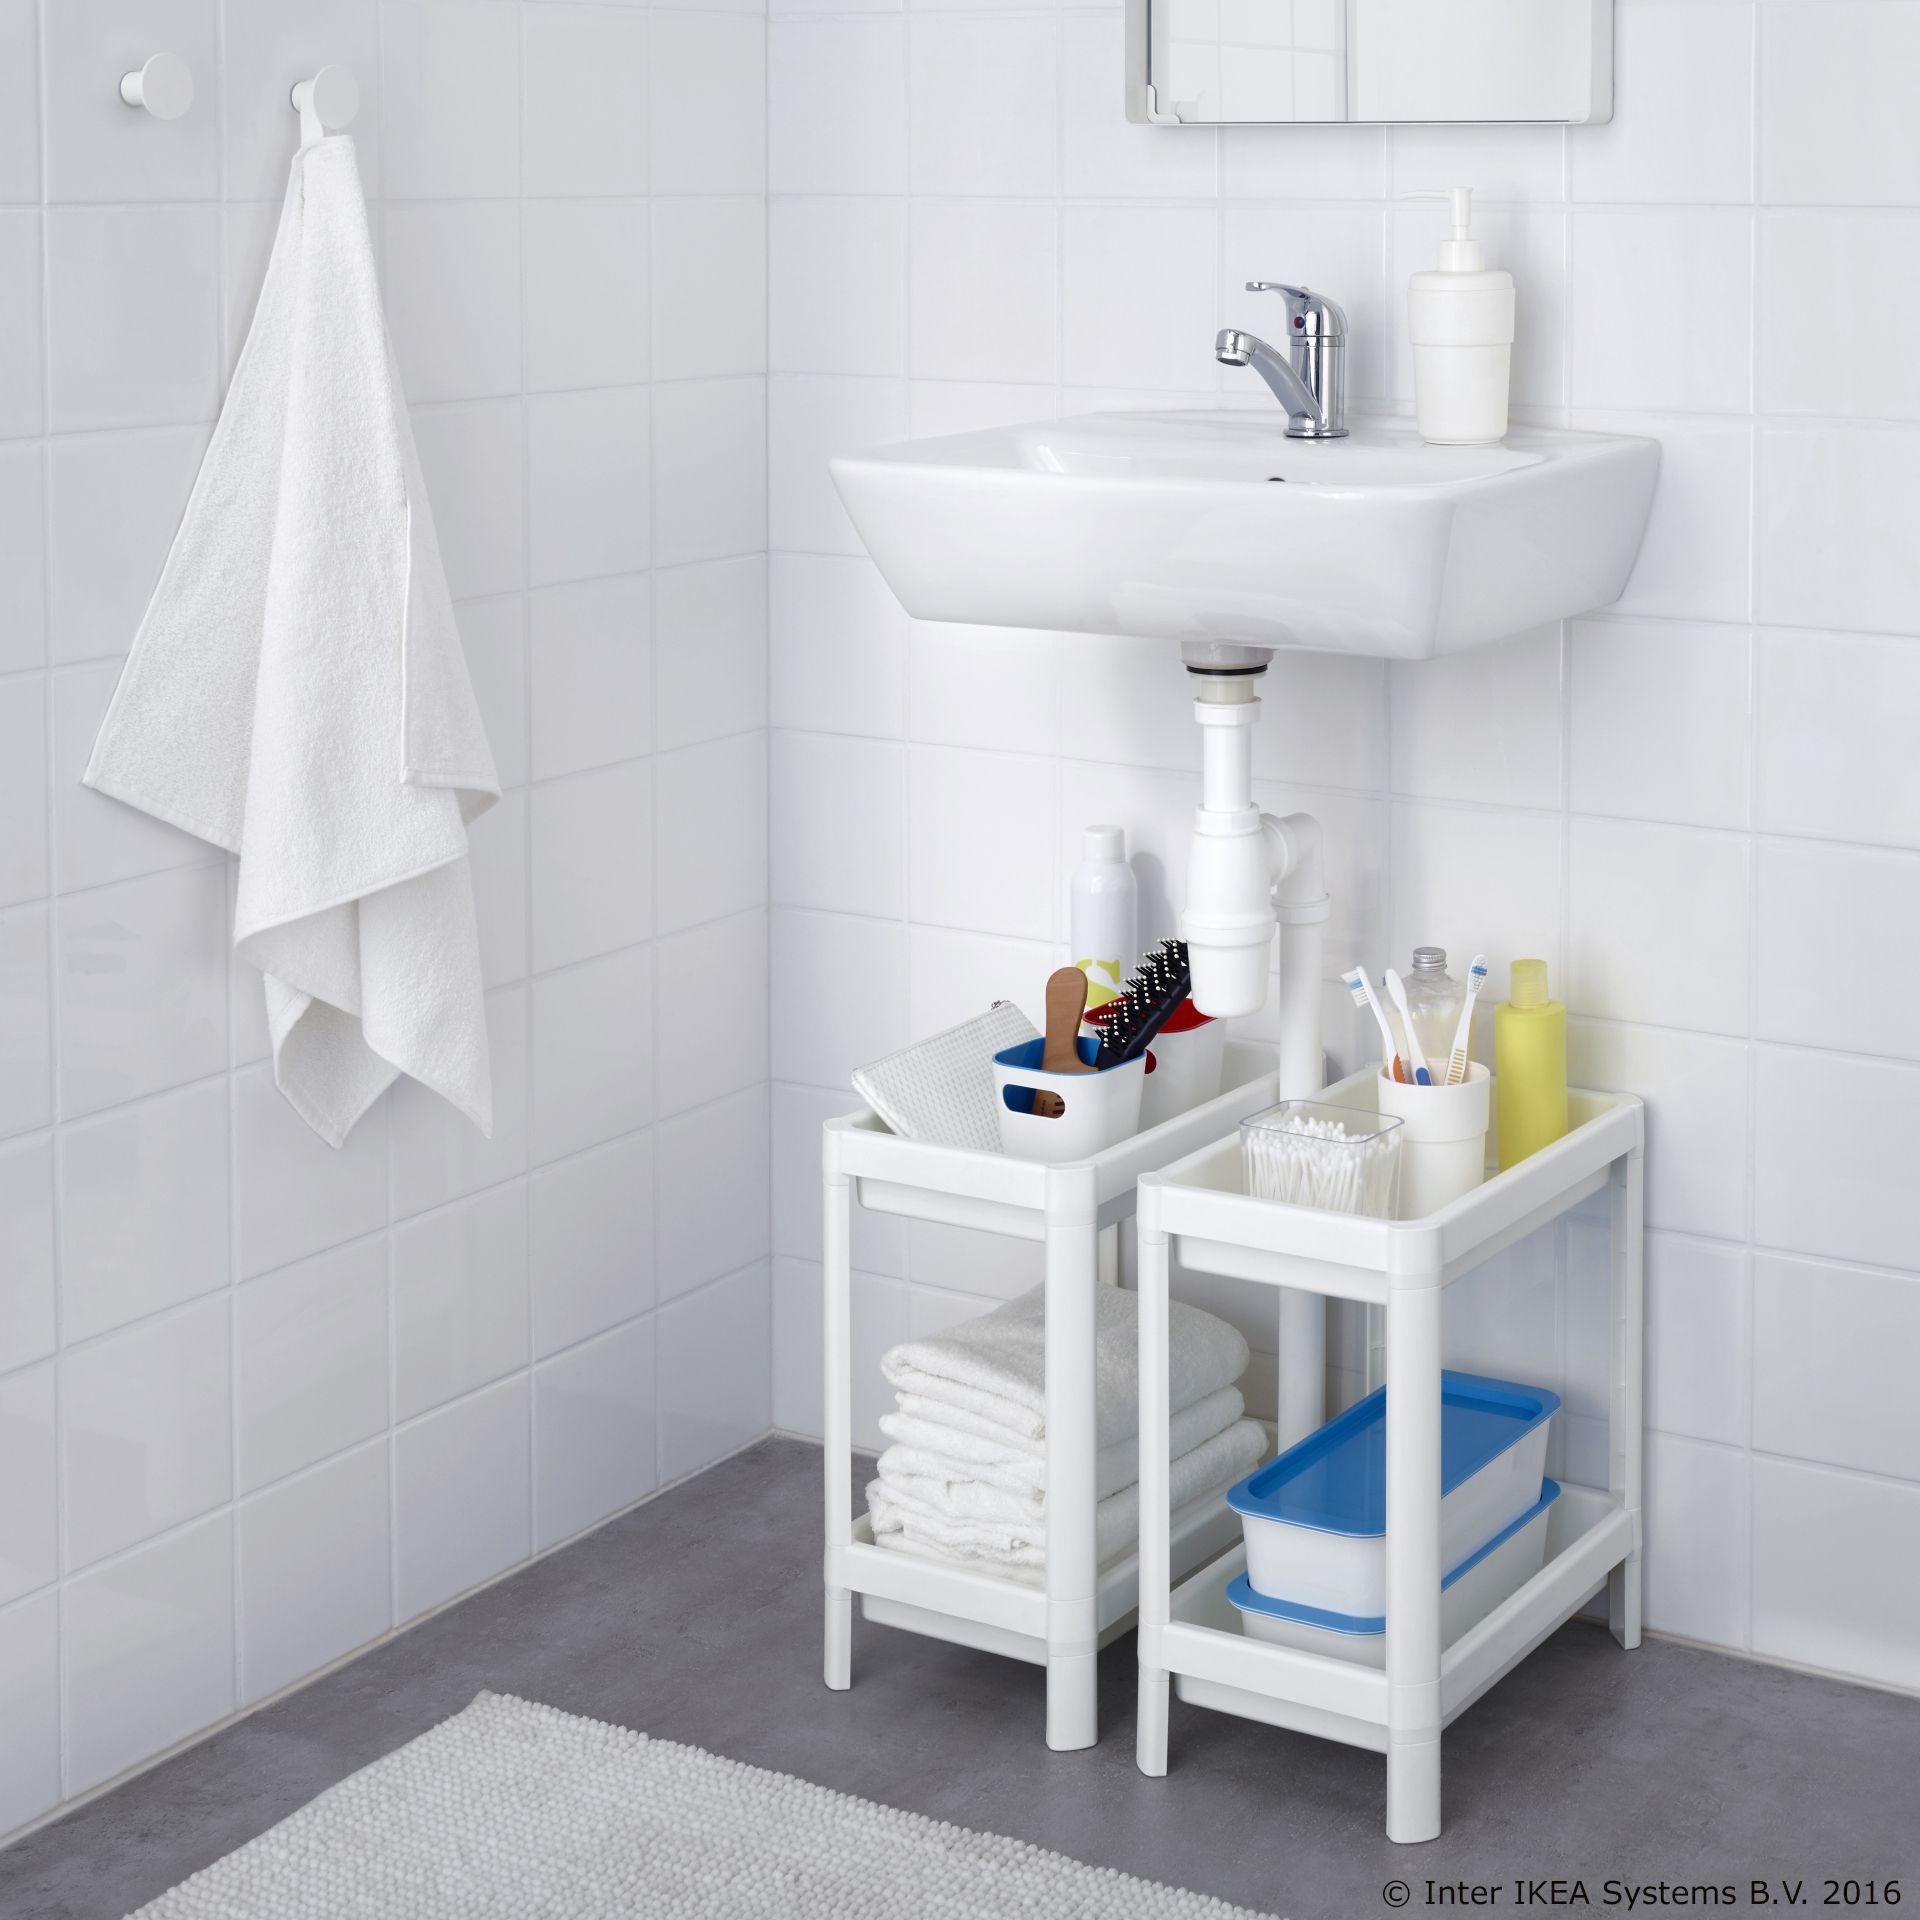 Elegant Small Bathroom Shelving Unit